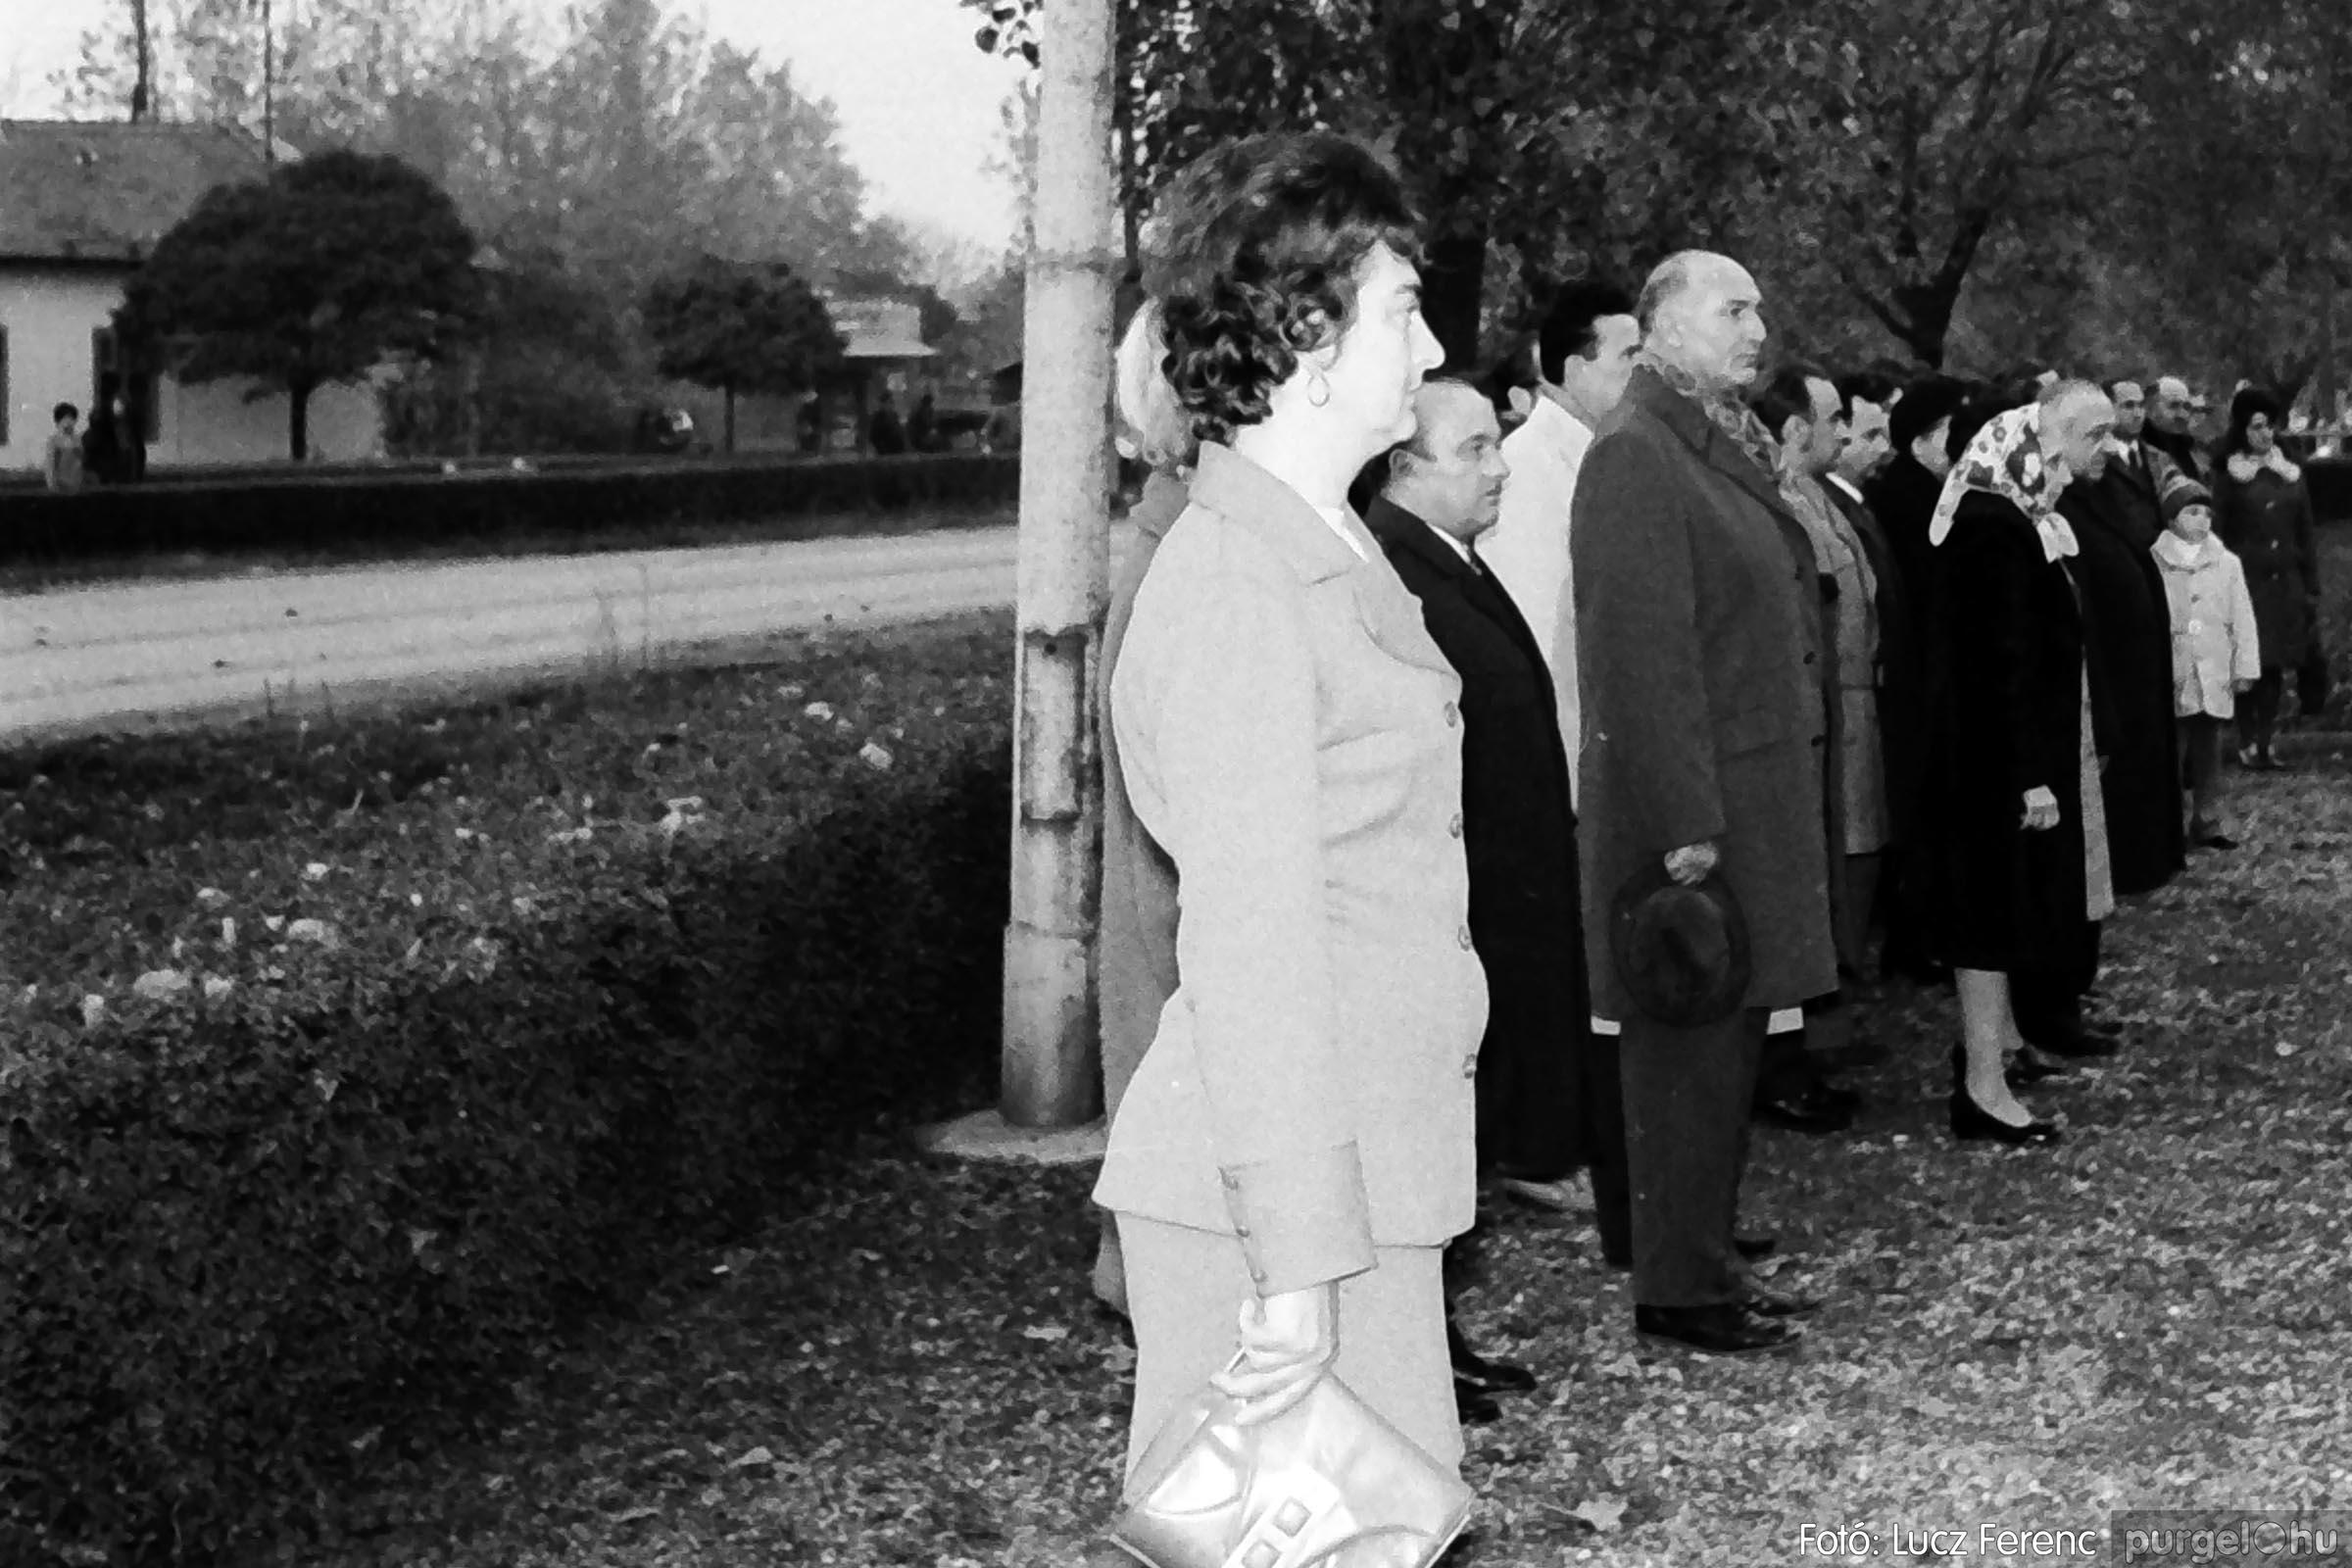 002 1970-es évek - November 7-i ünnepség 014 - Fotó: Lucz Ferenc - IMG01098q.jpg